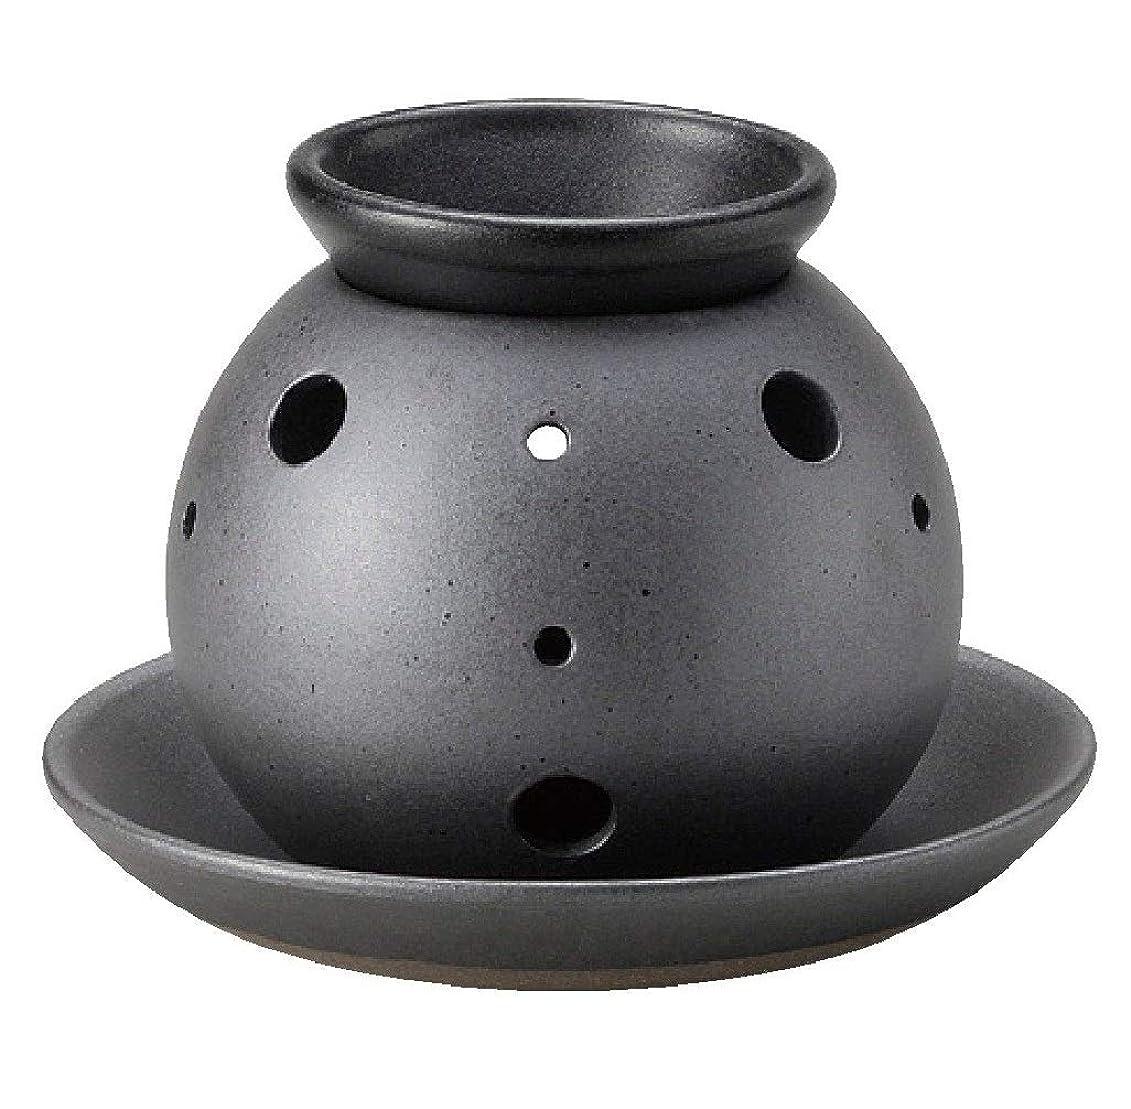 刈る一般的に言えばランチ常滑焼 7-227 盛正黒泥丸形茶香炉 盛正φ14.5×H11㎝